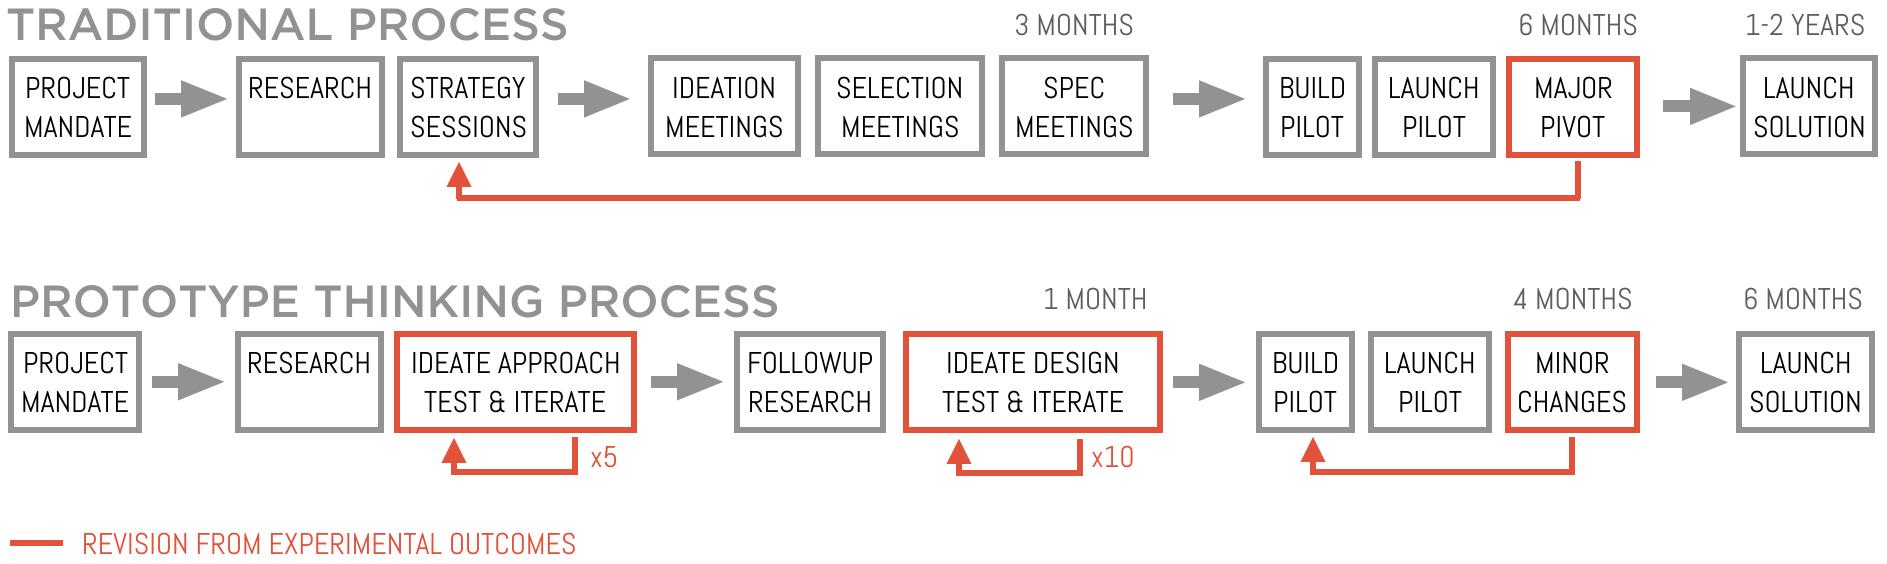 Process Comparison.png